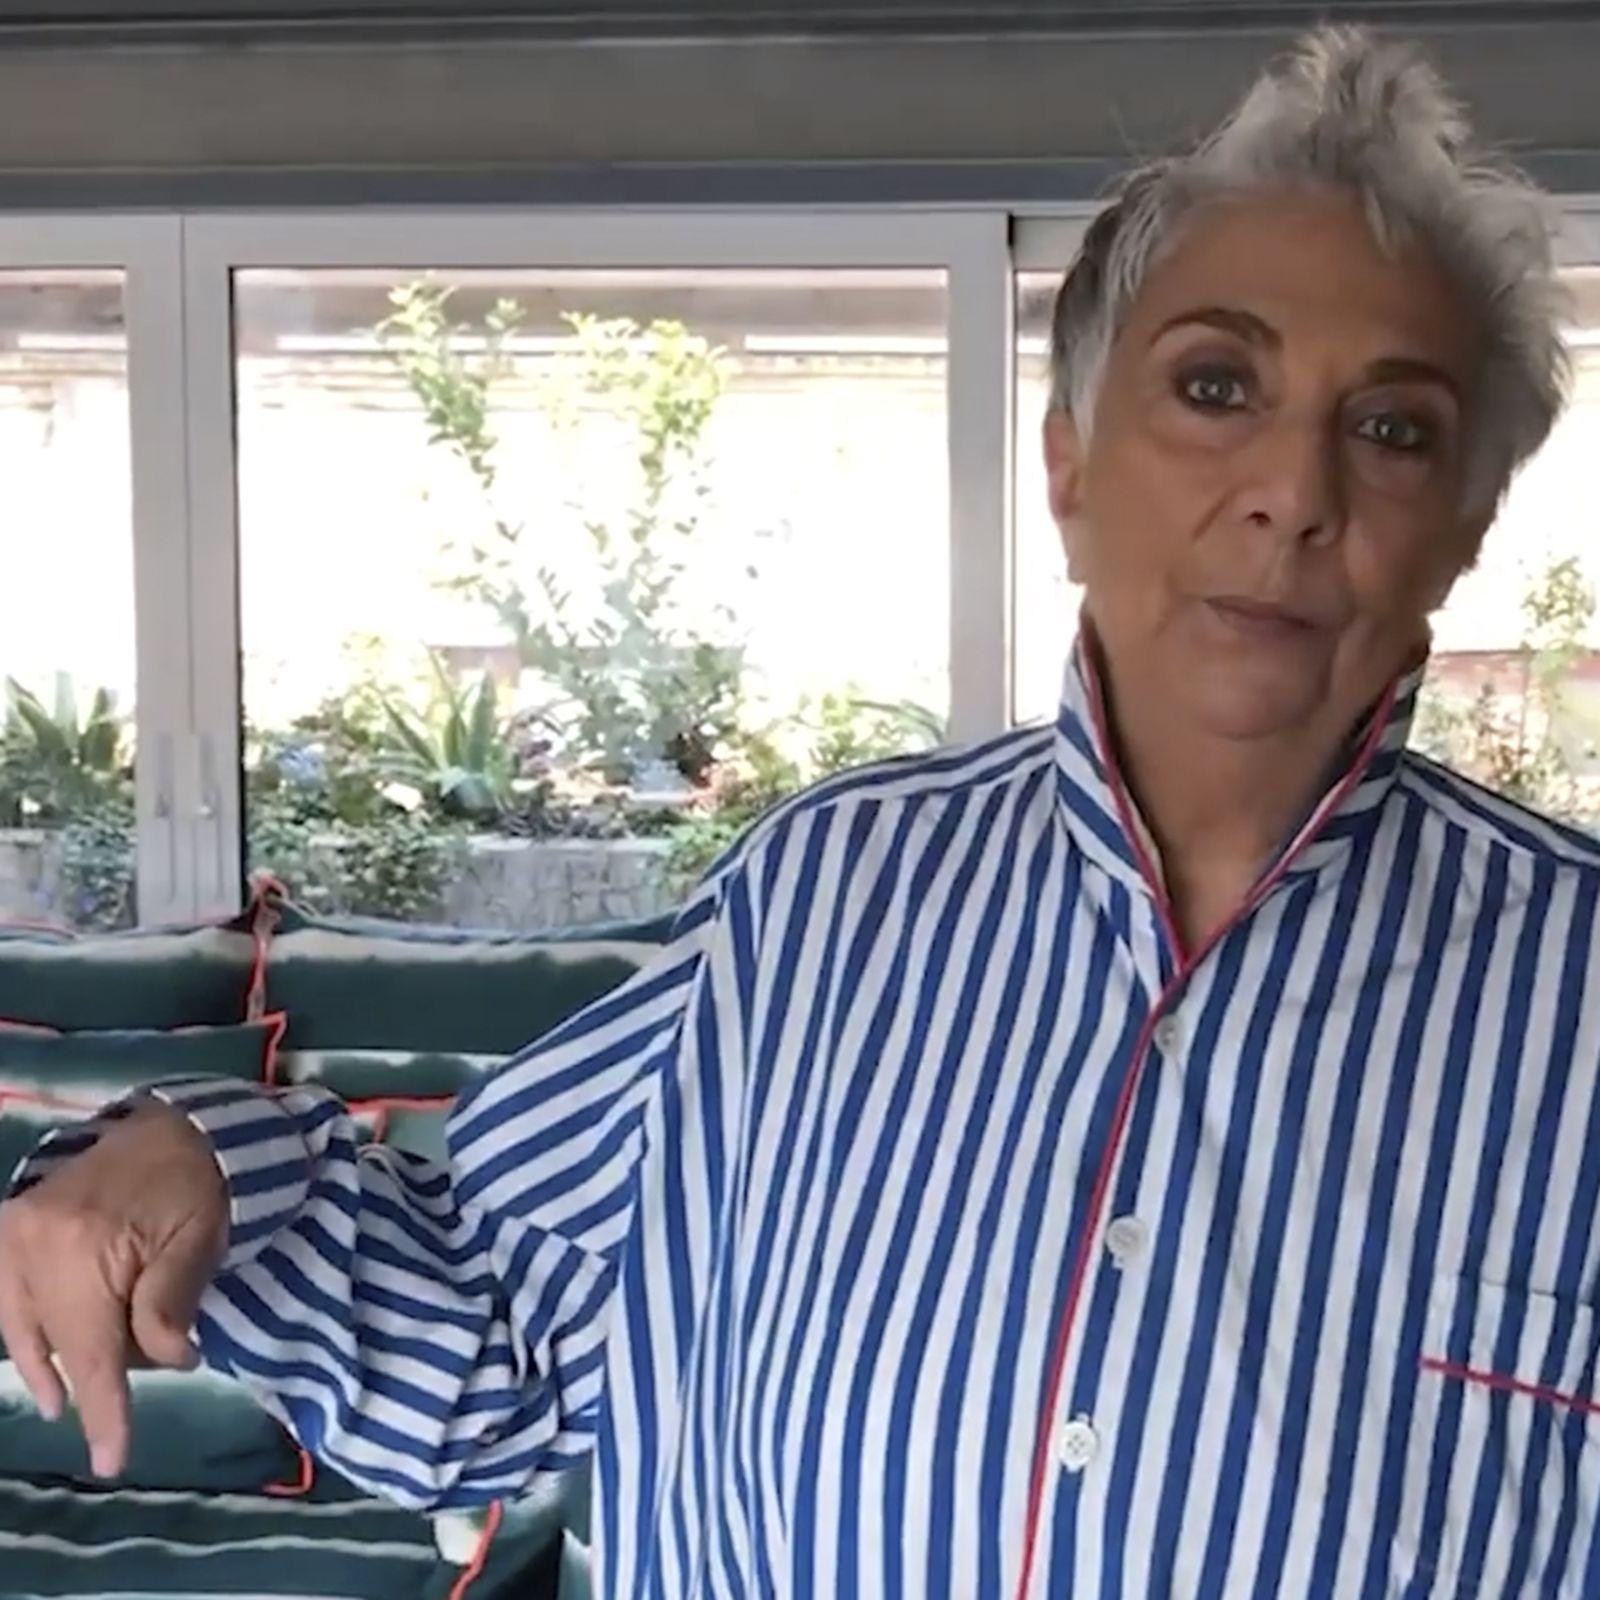 Paola Navone nos enseña el contenedor de las maravillas